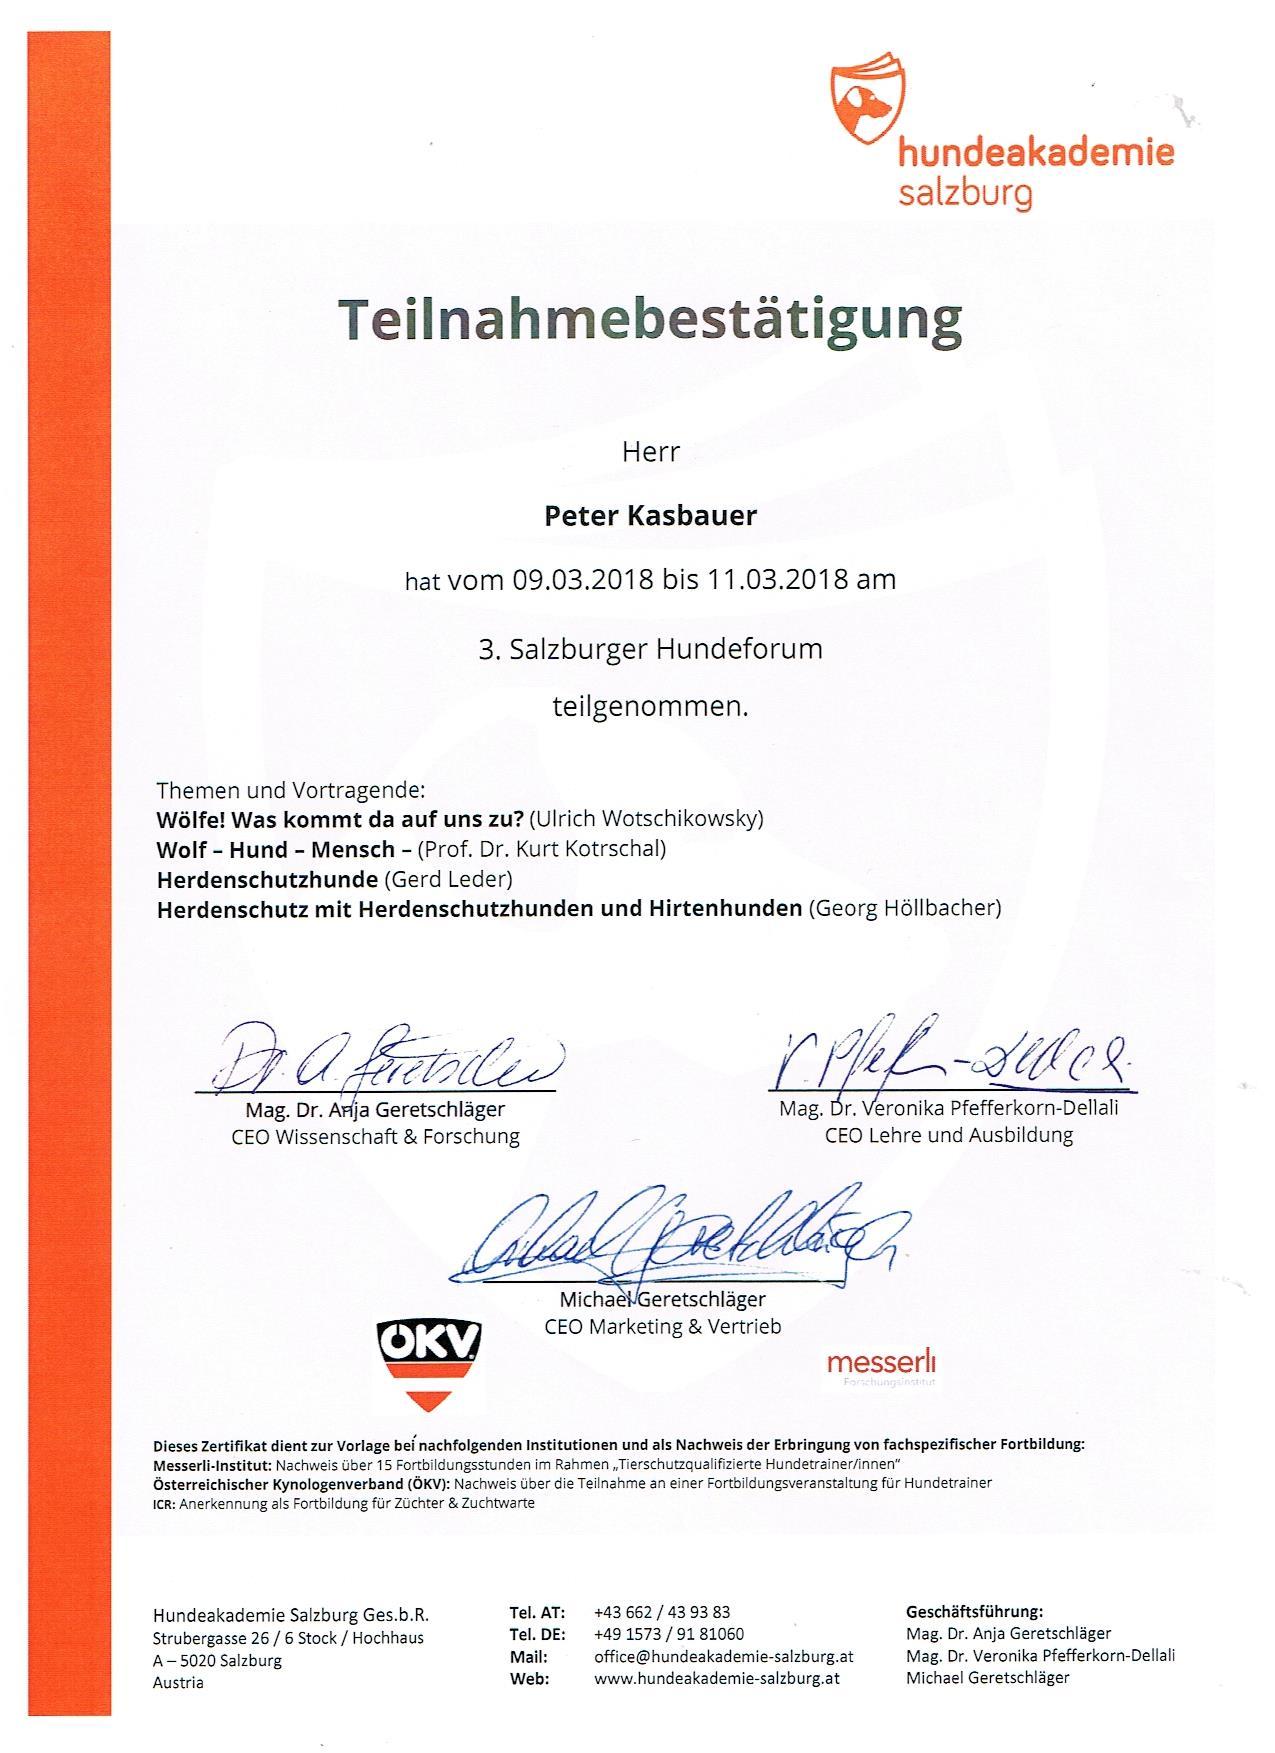 Groß Zertifikat Der Amtsinhaber Vorlage Galerie - Entry Level Resume ...